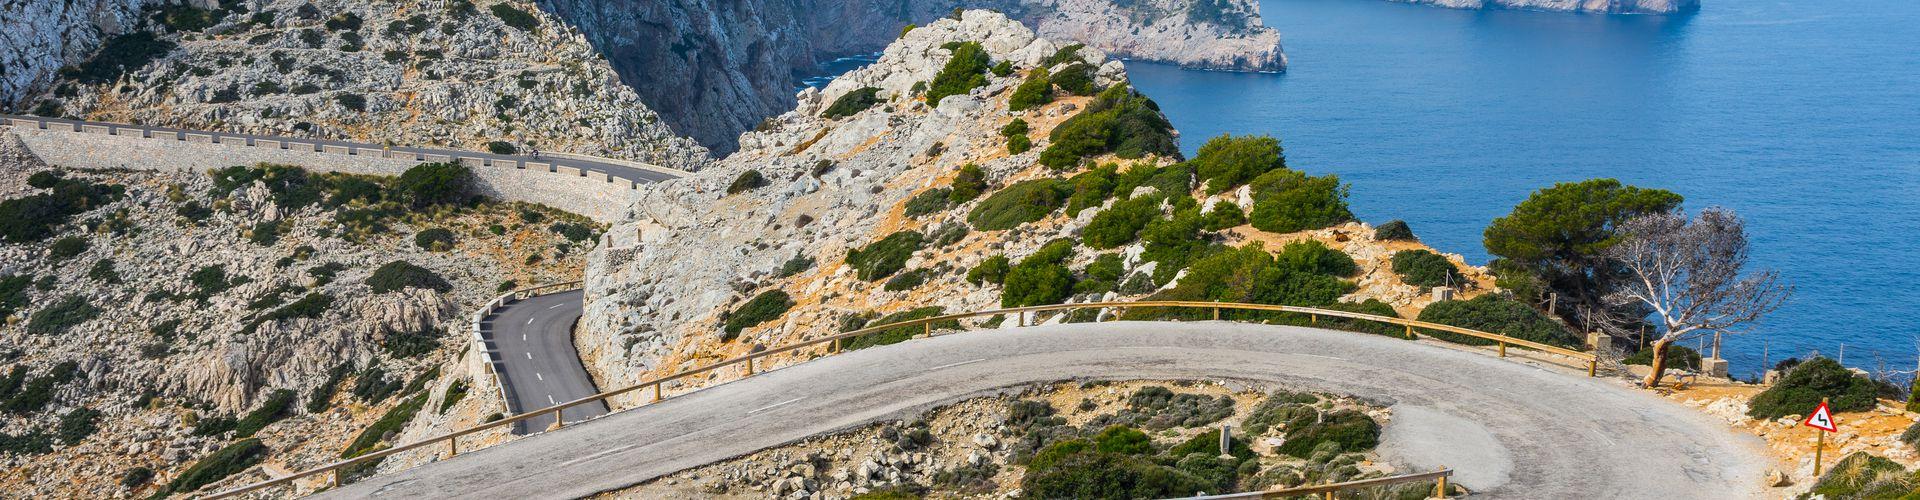 10 traumhafte Radrouten auf Mallorca